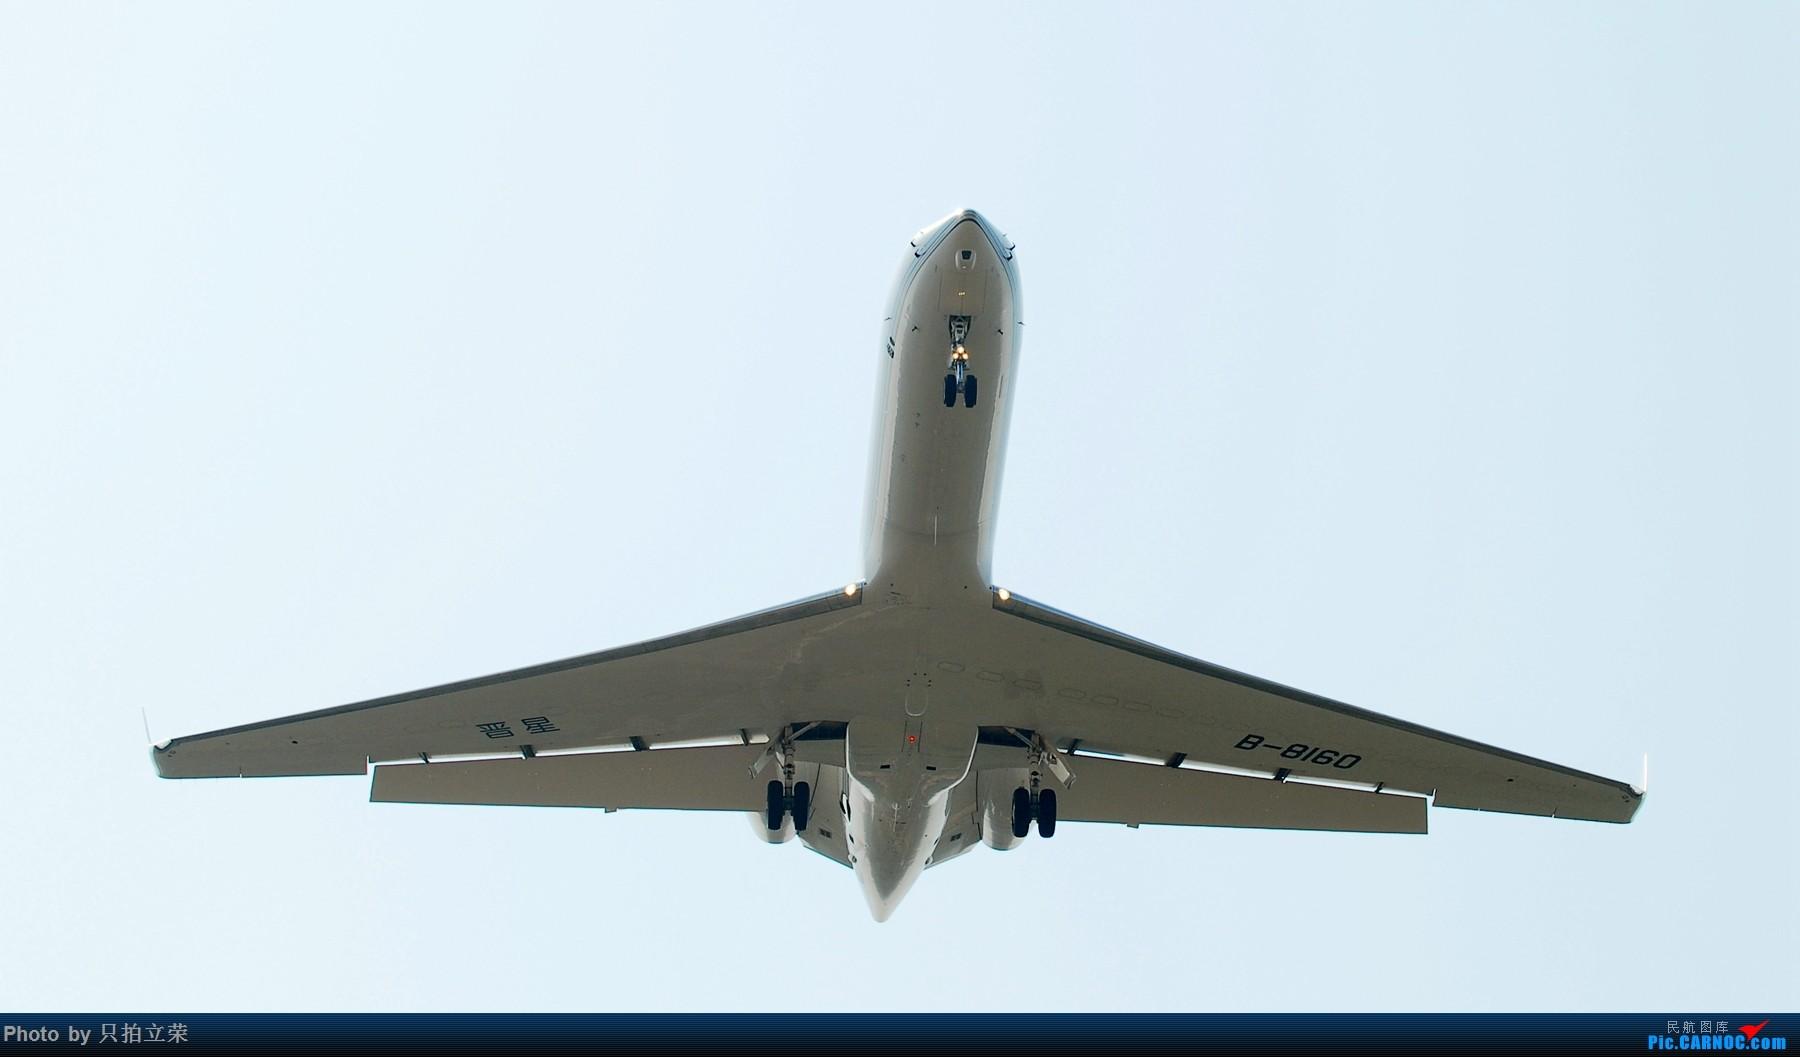 Re:[原创]土豪的公务机 GULFSTREAM G550 B-8160 中国长沙黄花国际机场